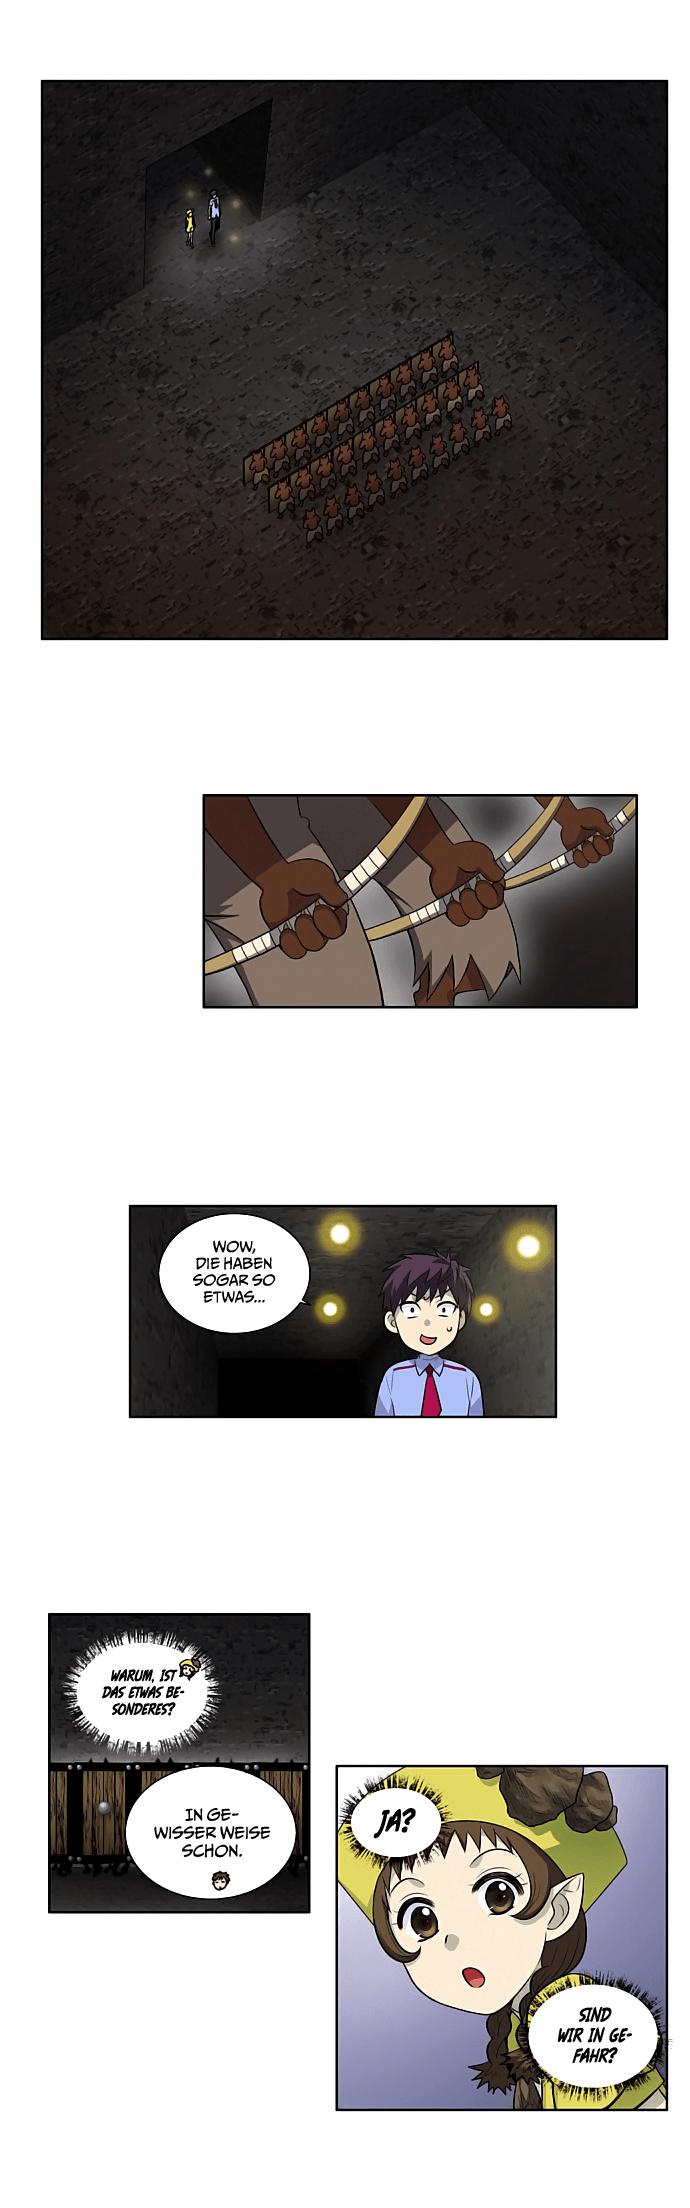 Page 005 e1da8c